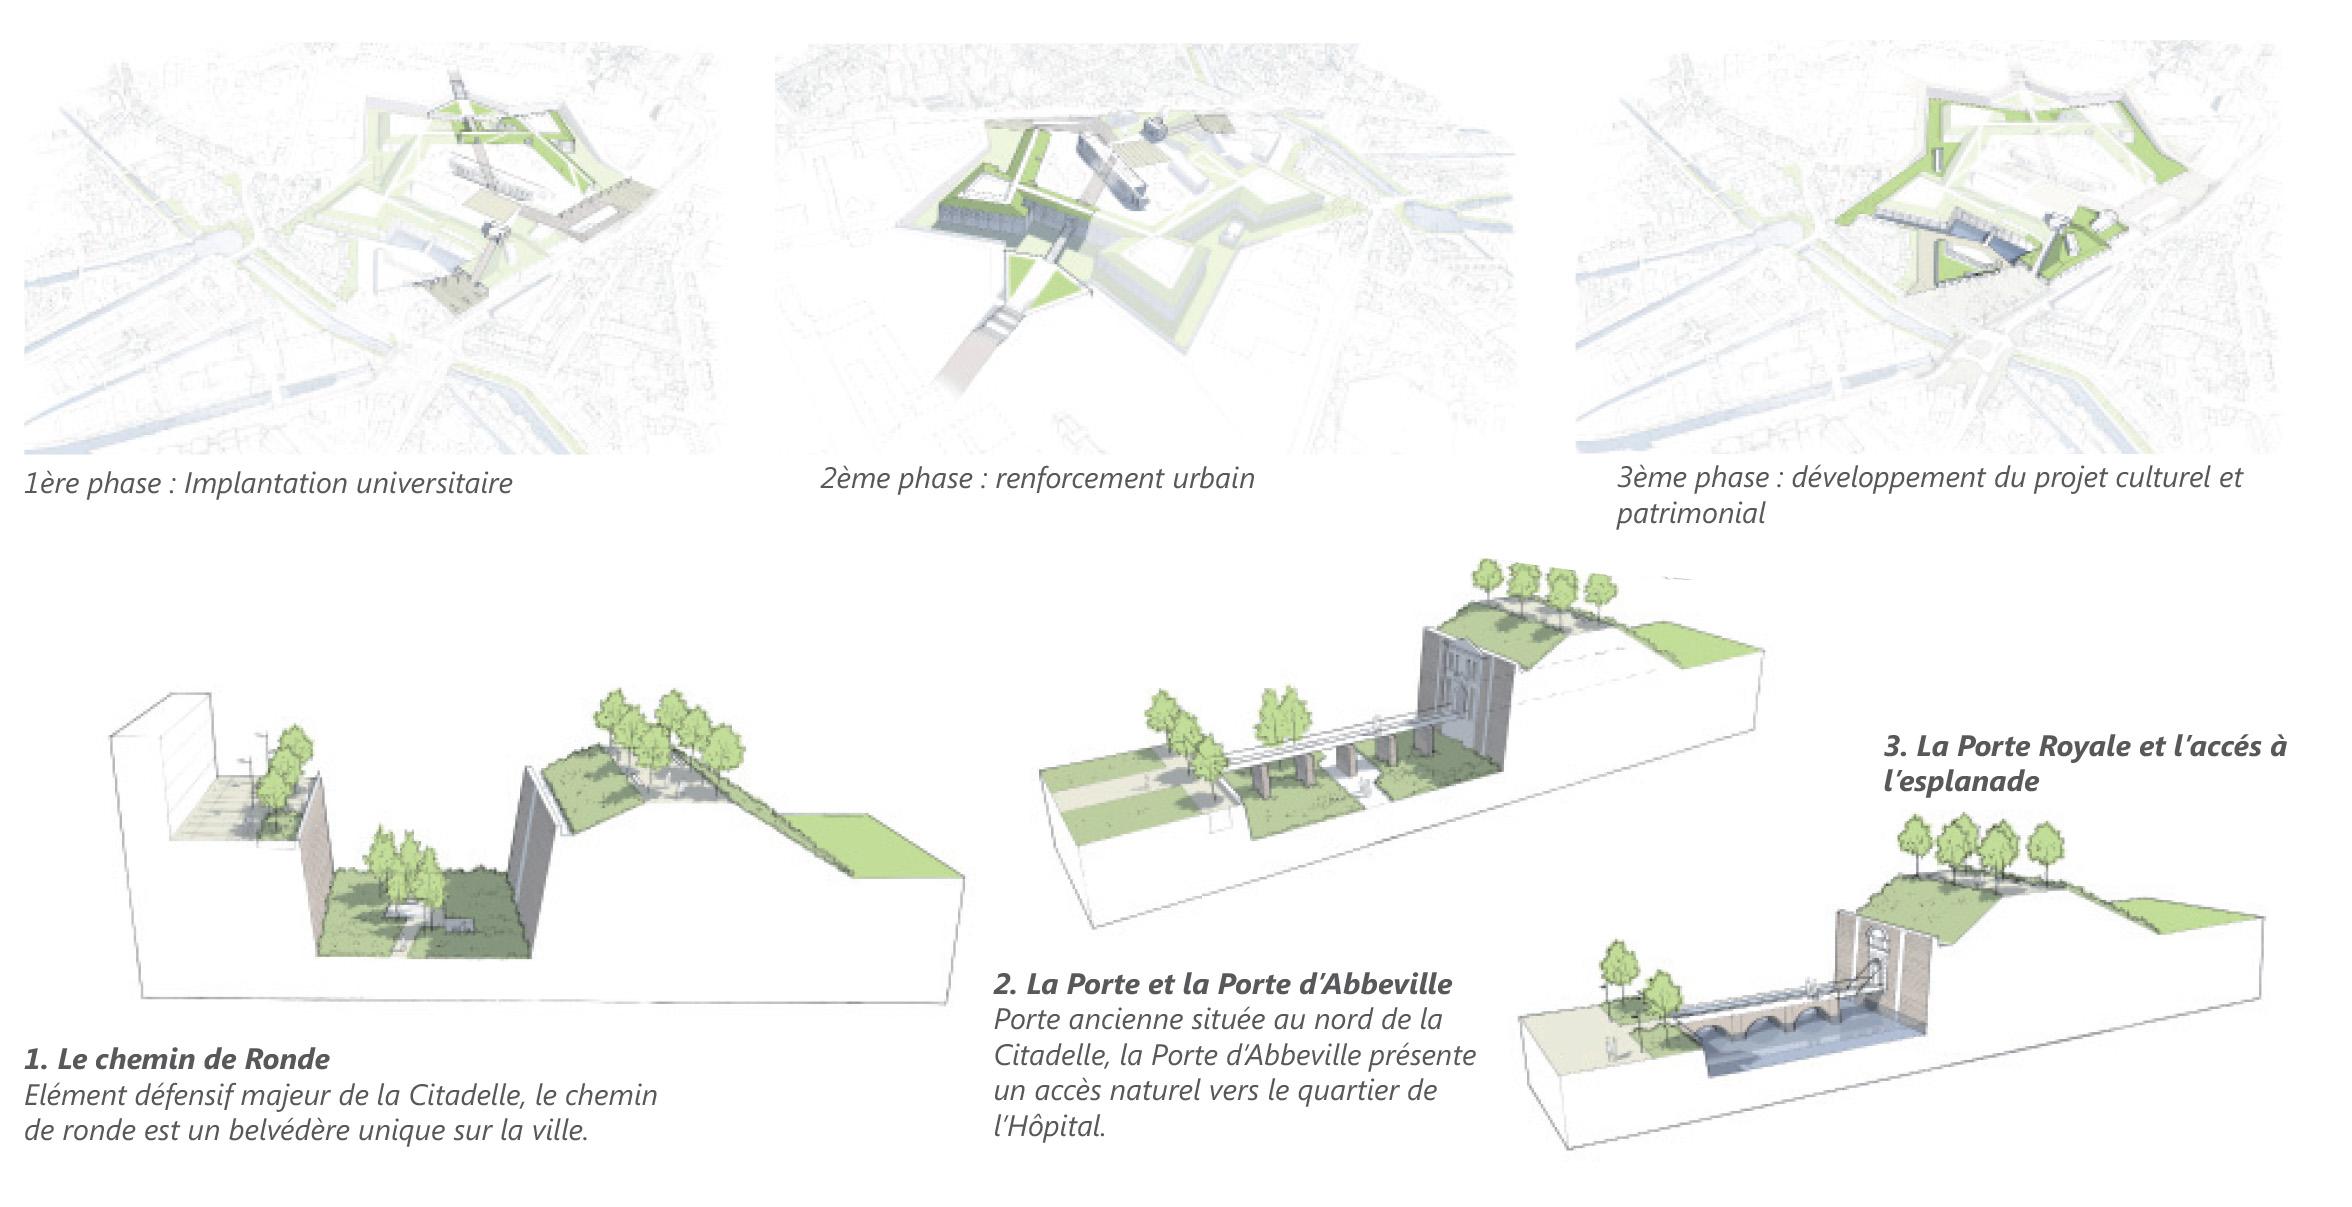 Les 3 phases du développement du modèle urbain et traitement du chemin de ronde